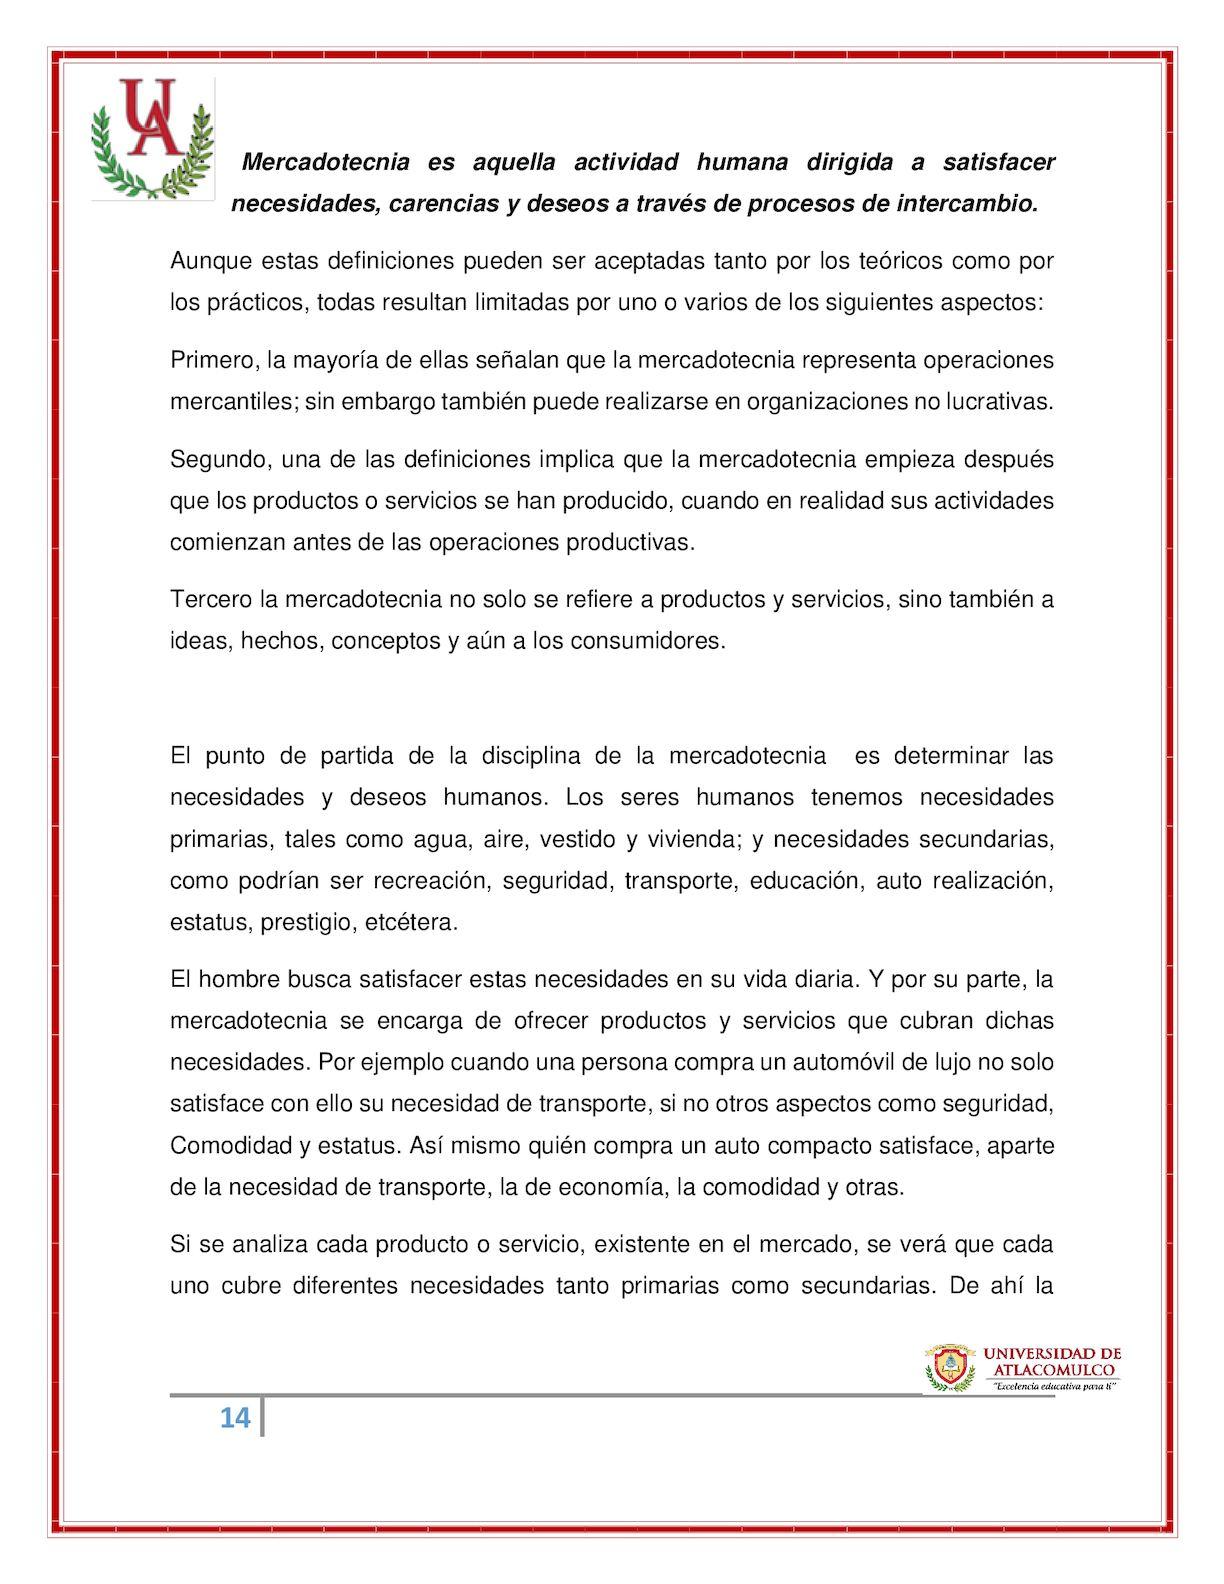 Mercadotecnia Educativa Calameo Downloader